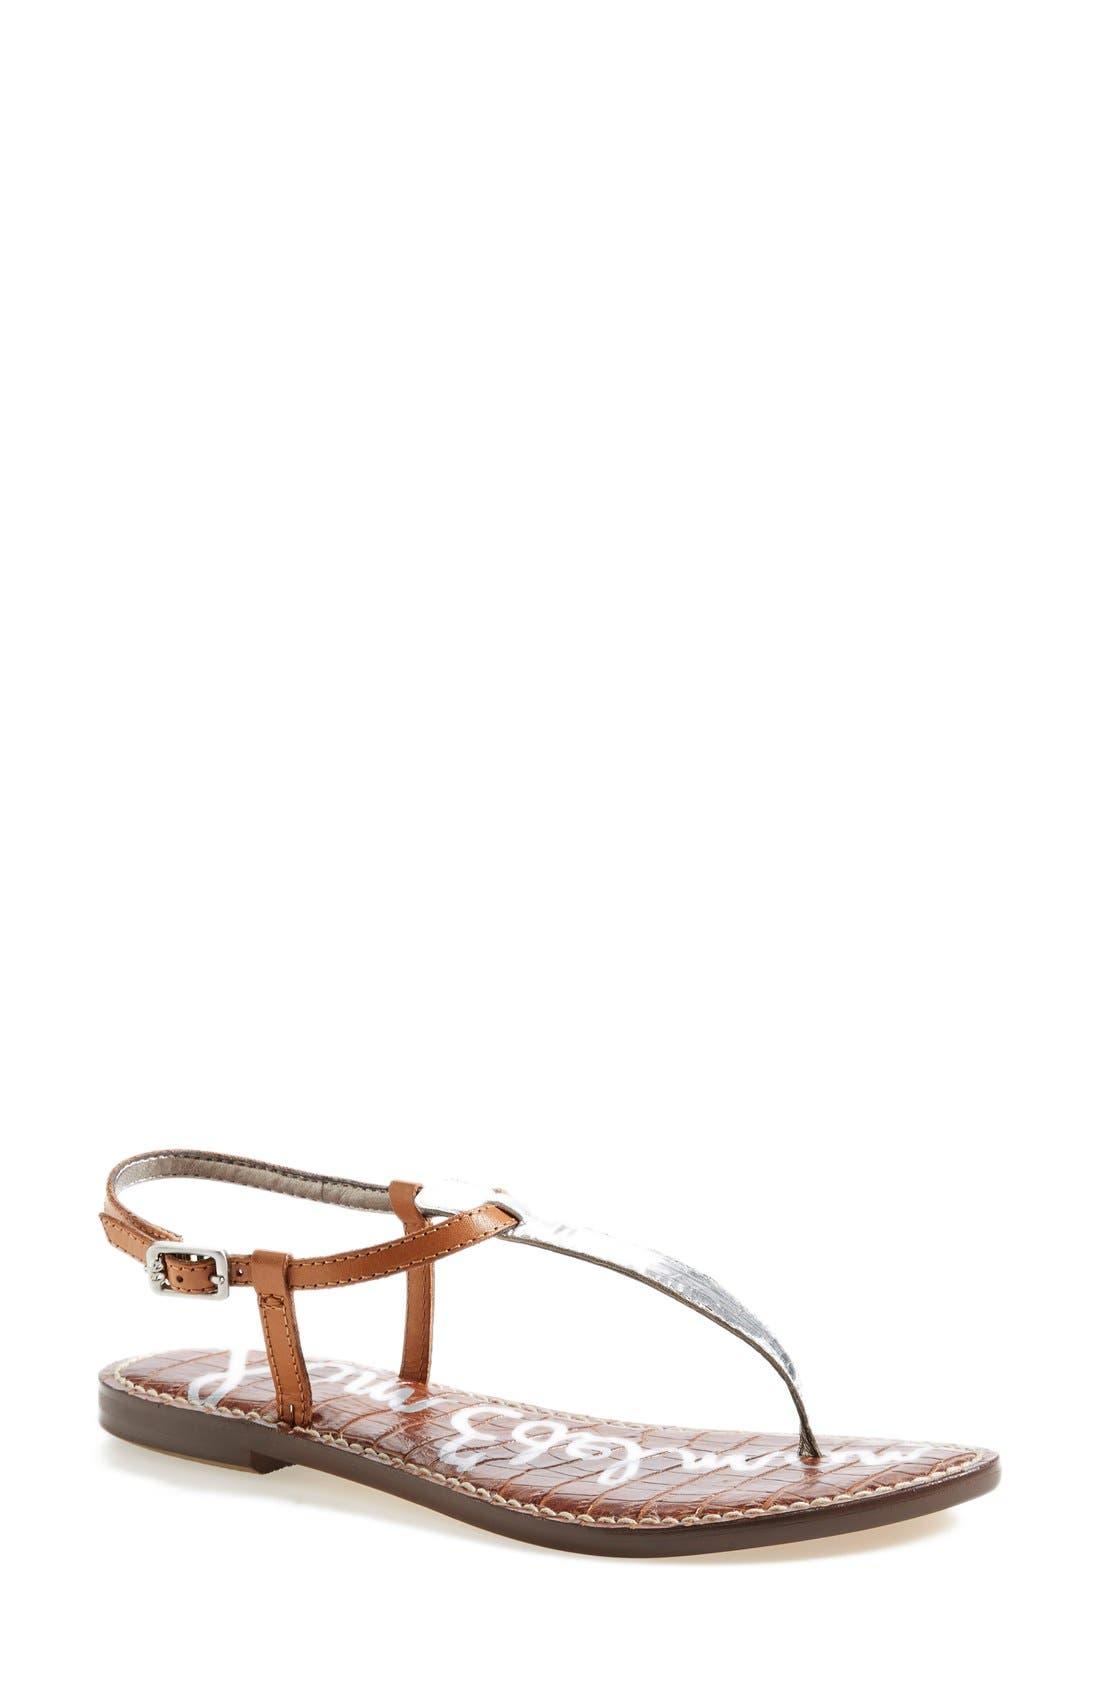 Alternate Image 1 Selected - Sam Edelman 'Gigi' Leather Sandal (Women)